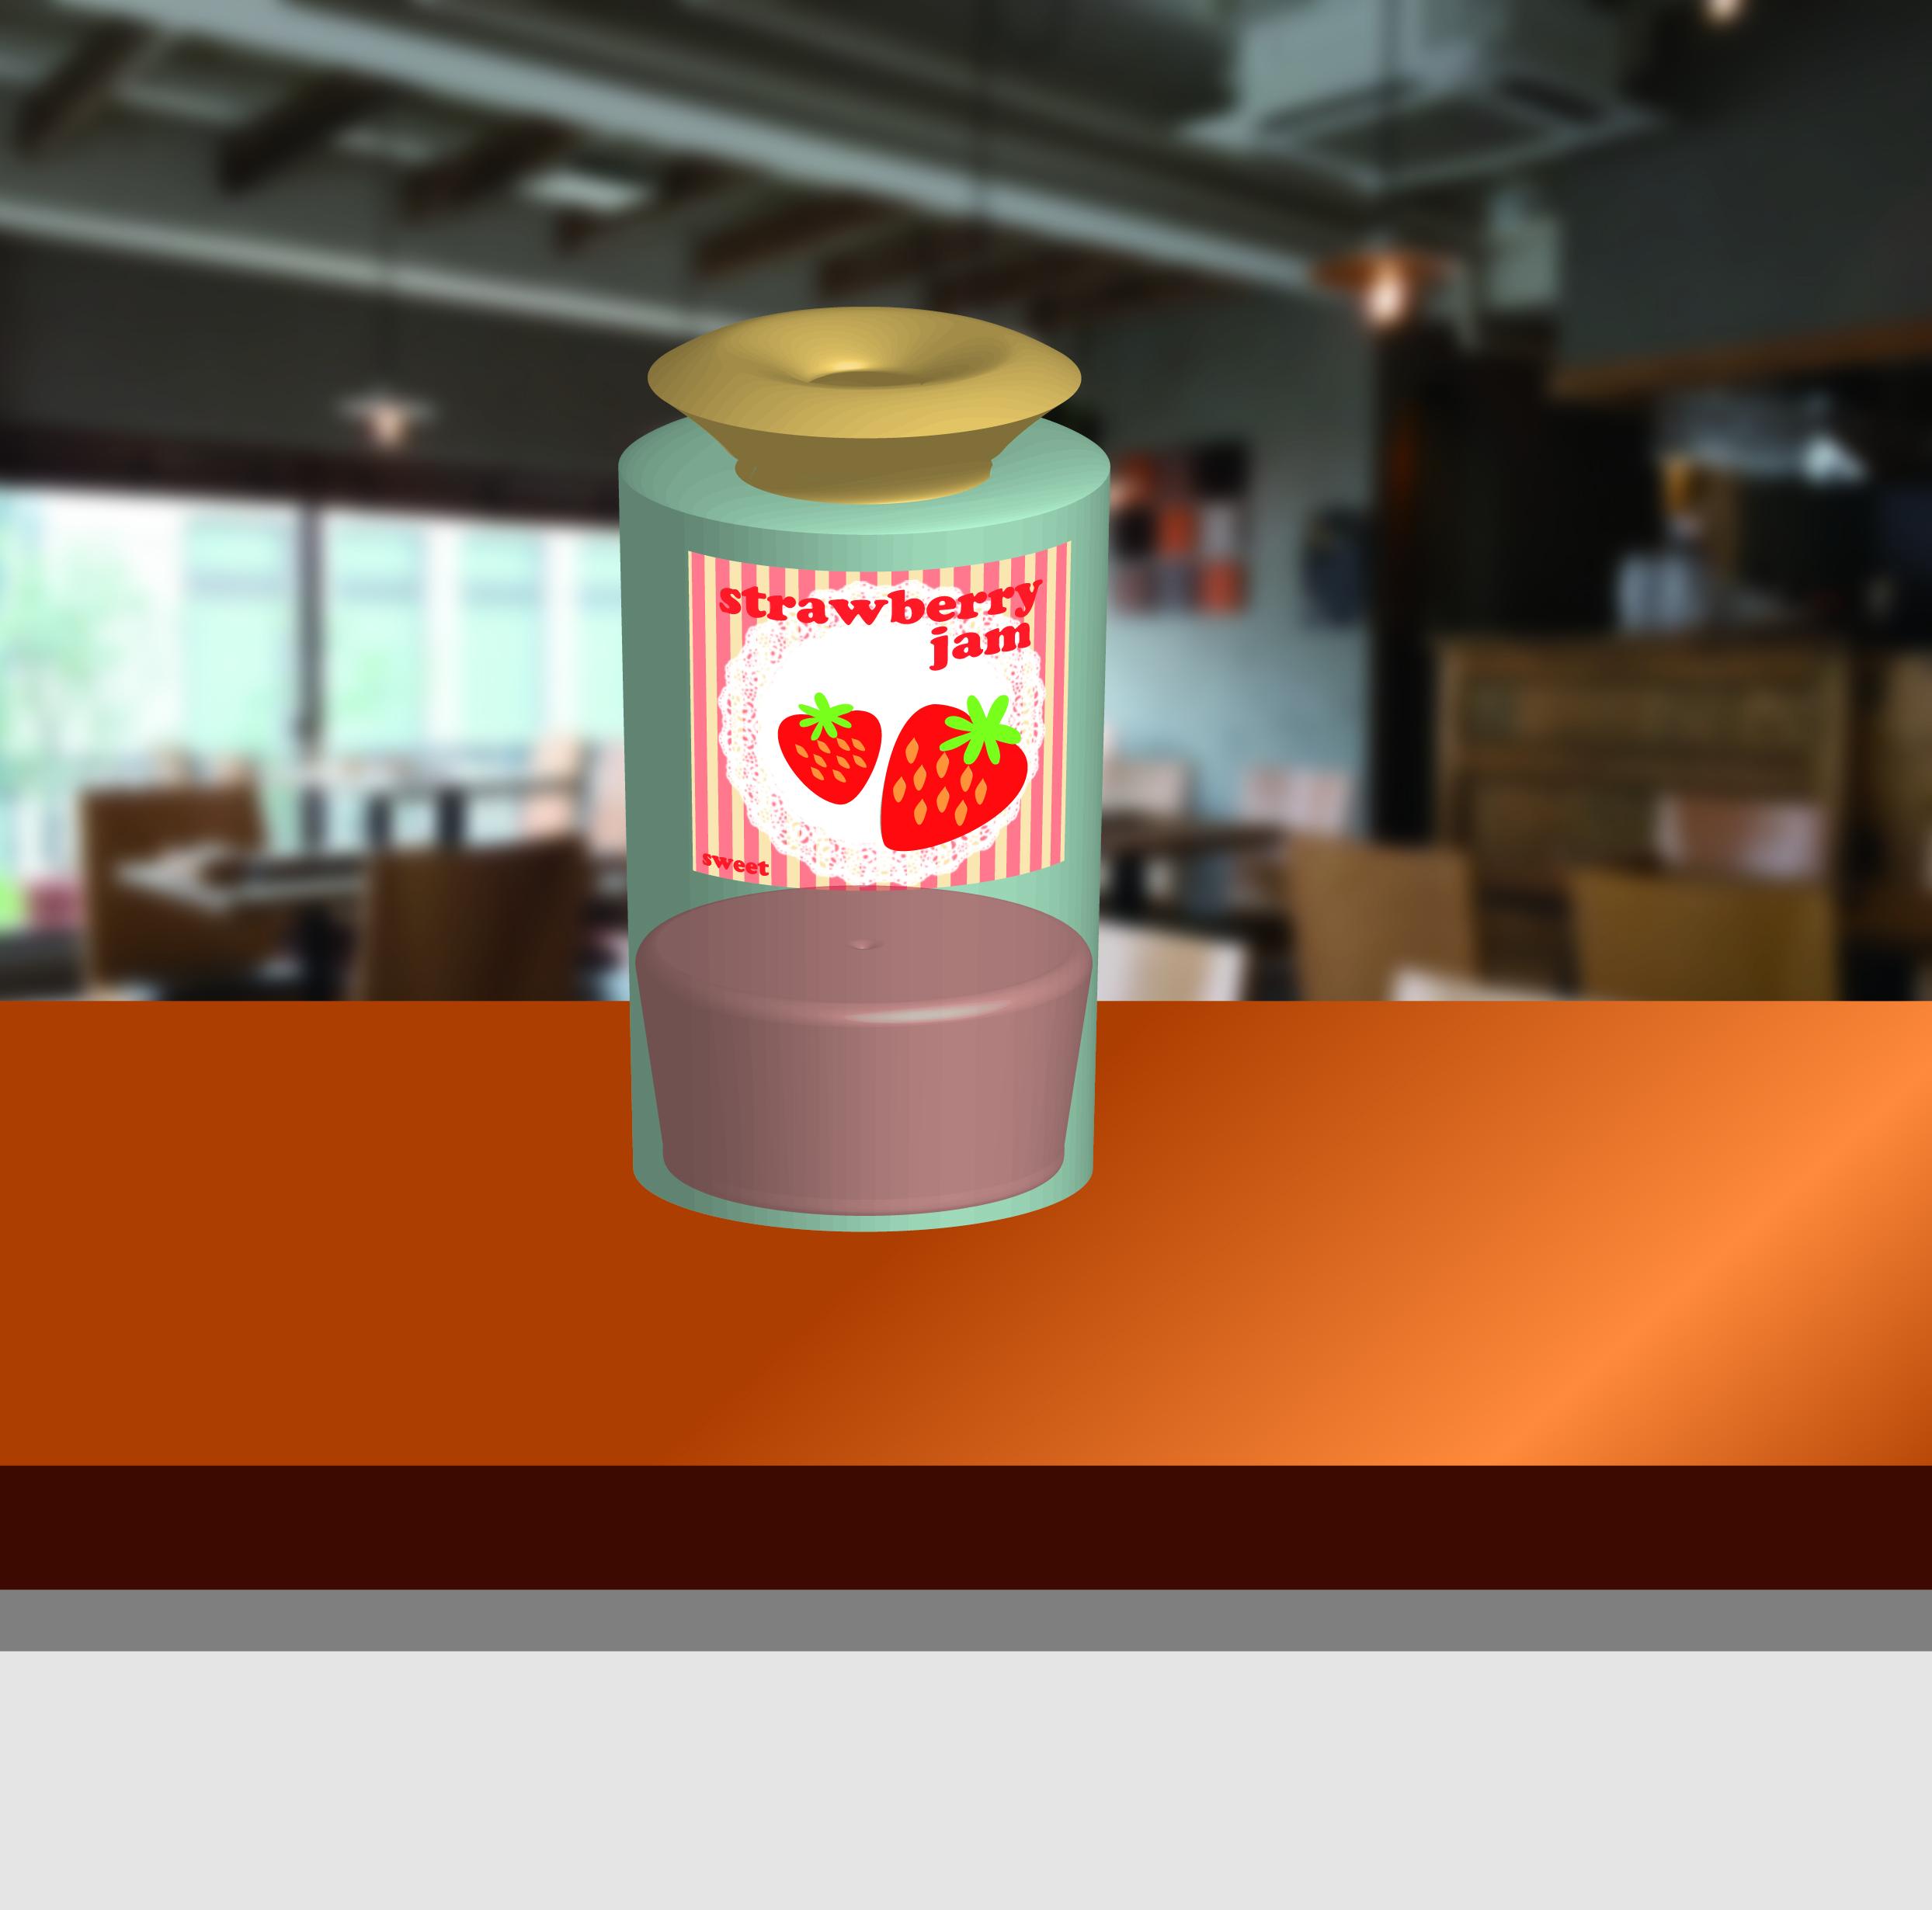 色々な3Dオブジェクトを作る時に便利ですので色々試して見てくださいね。